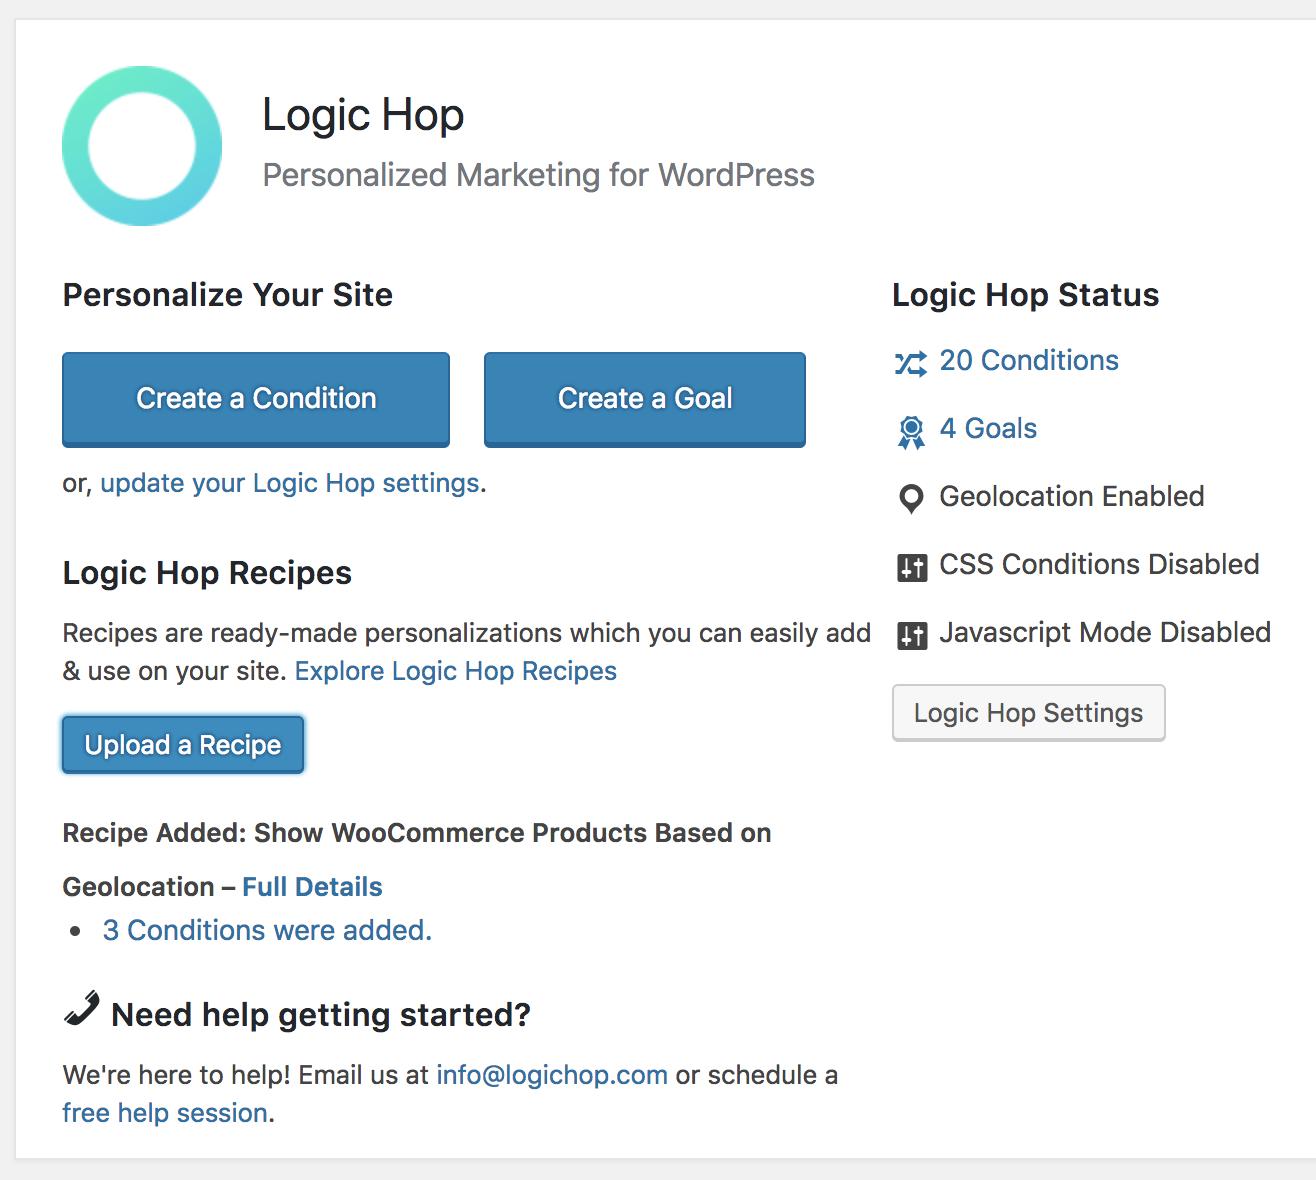 Adding a Logic Hop Recipe